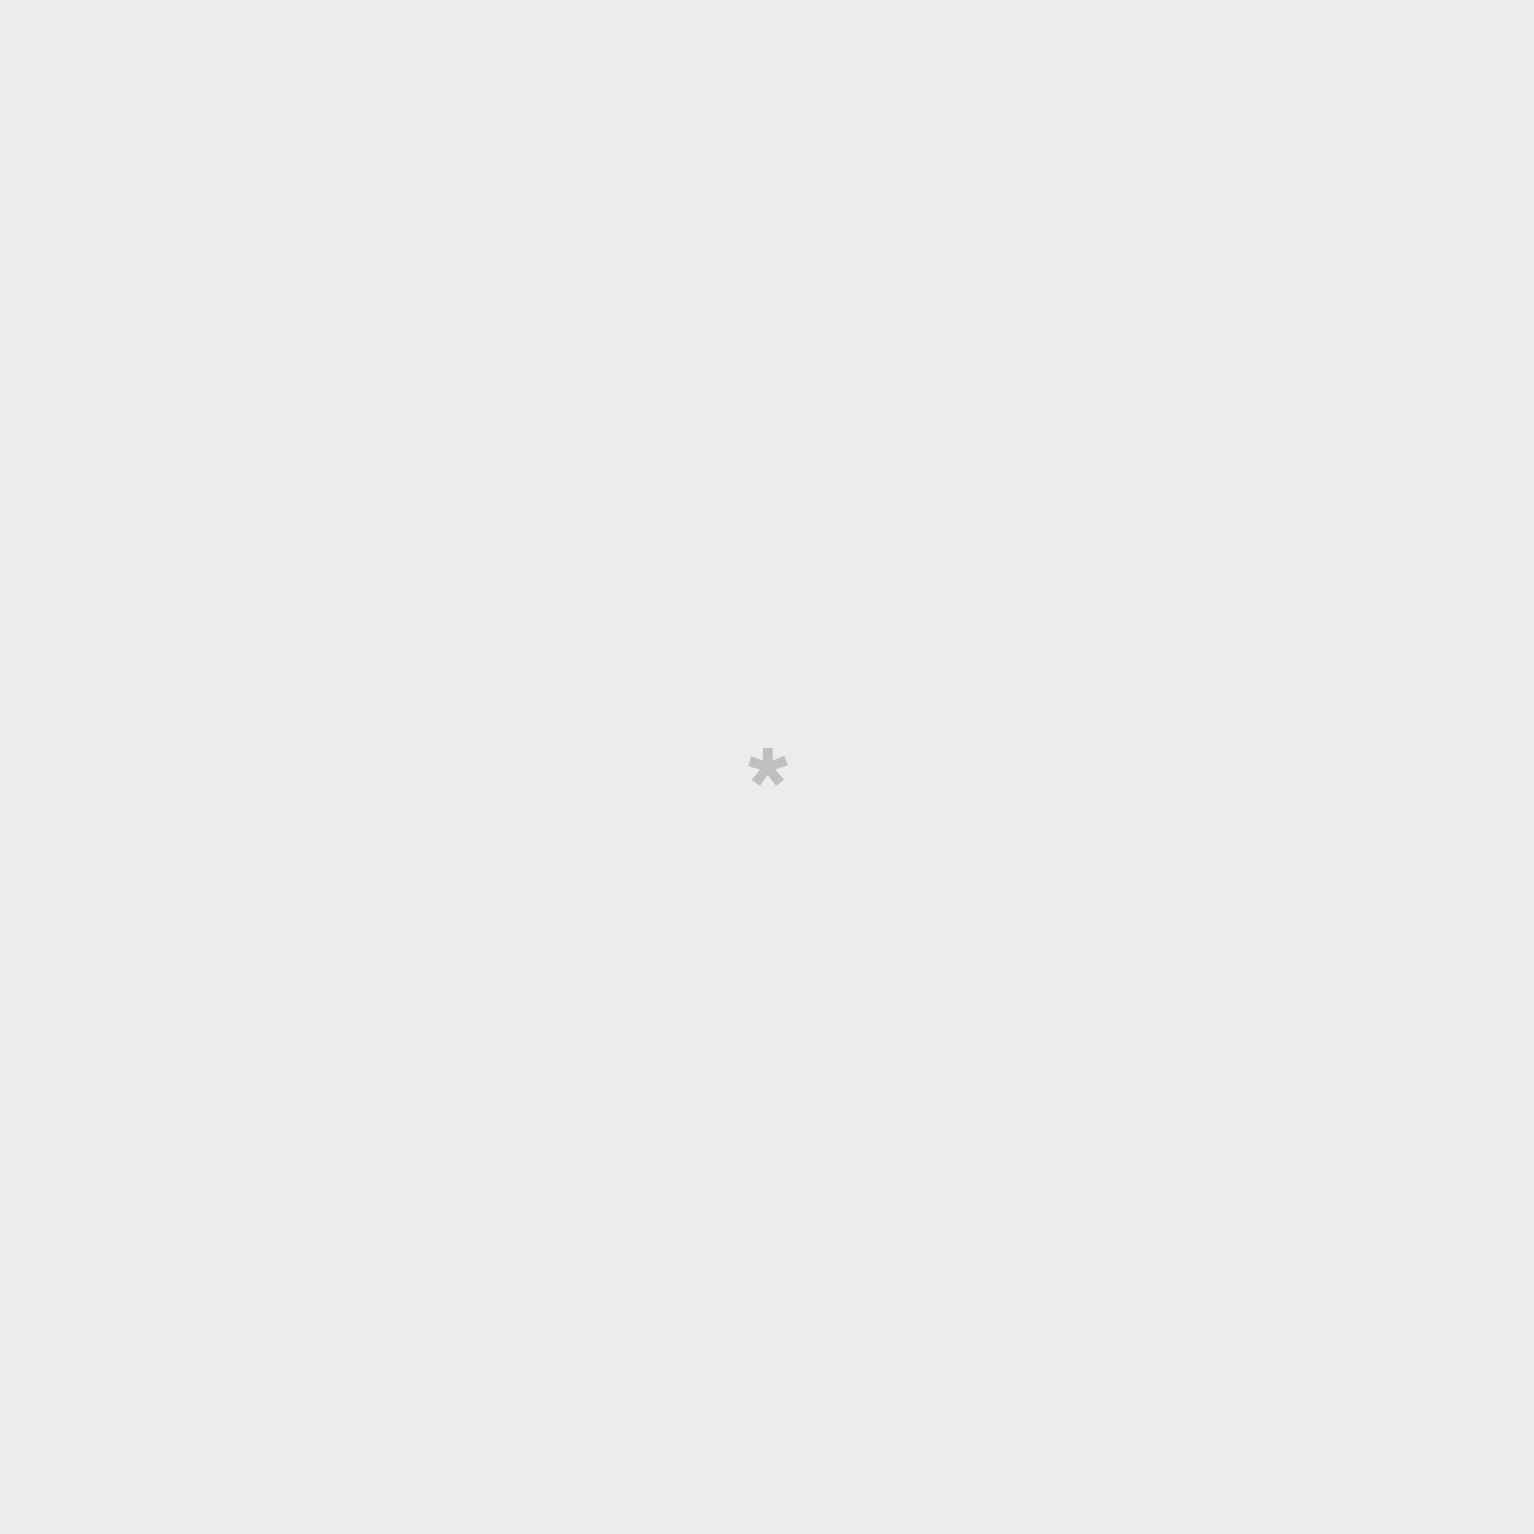 Transparent iPhone 6 plus case - Avocados